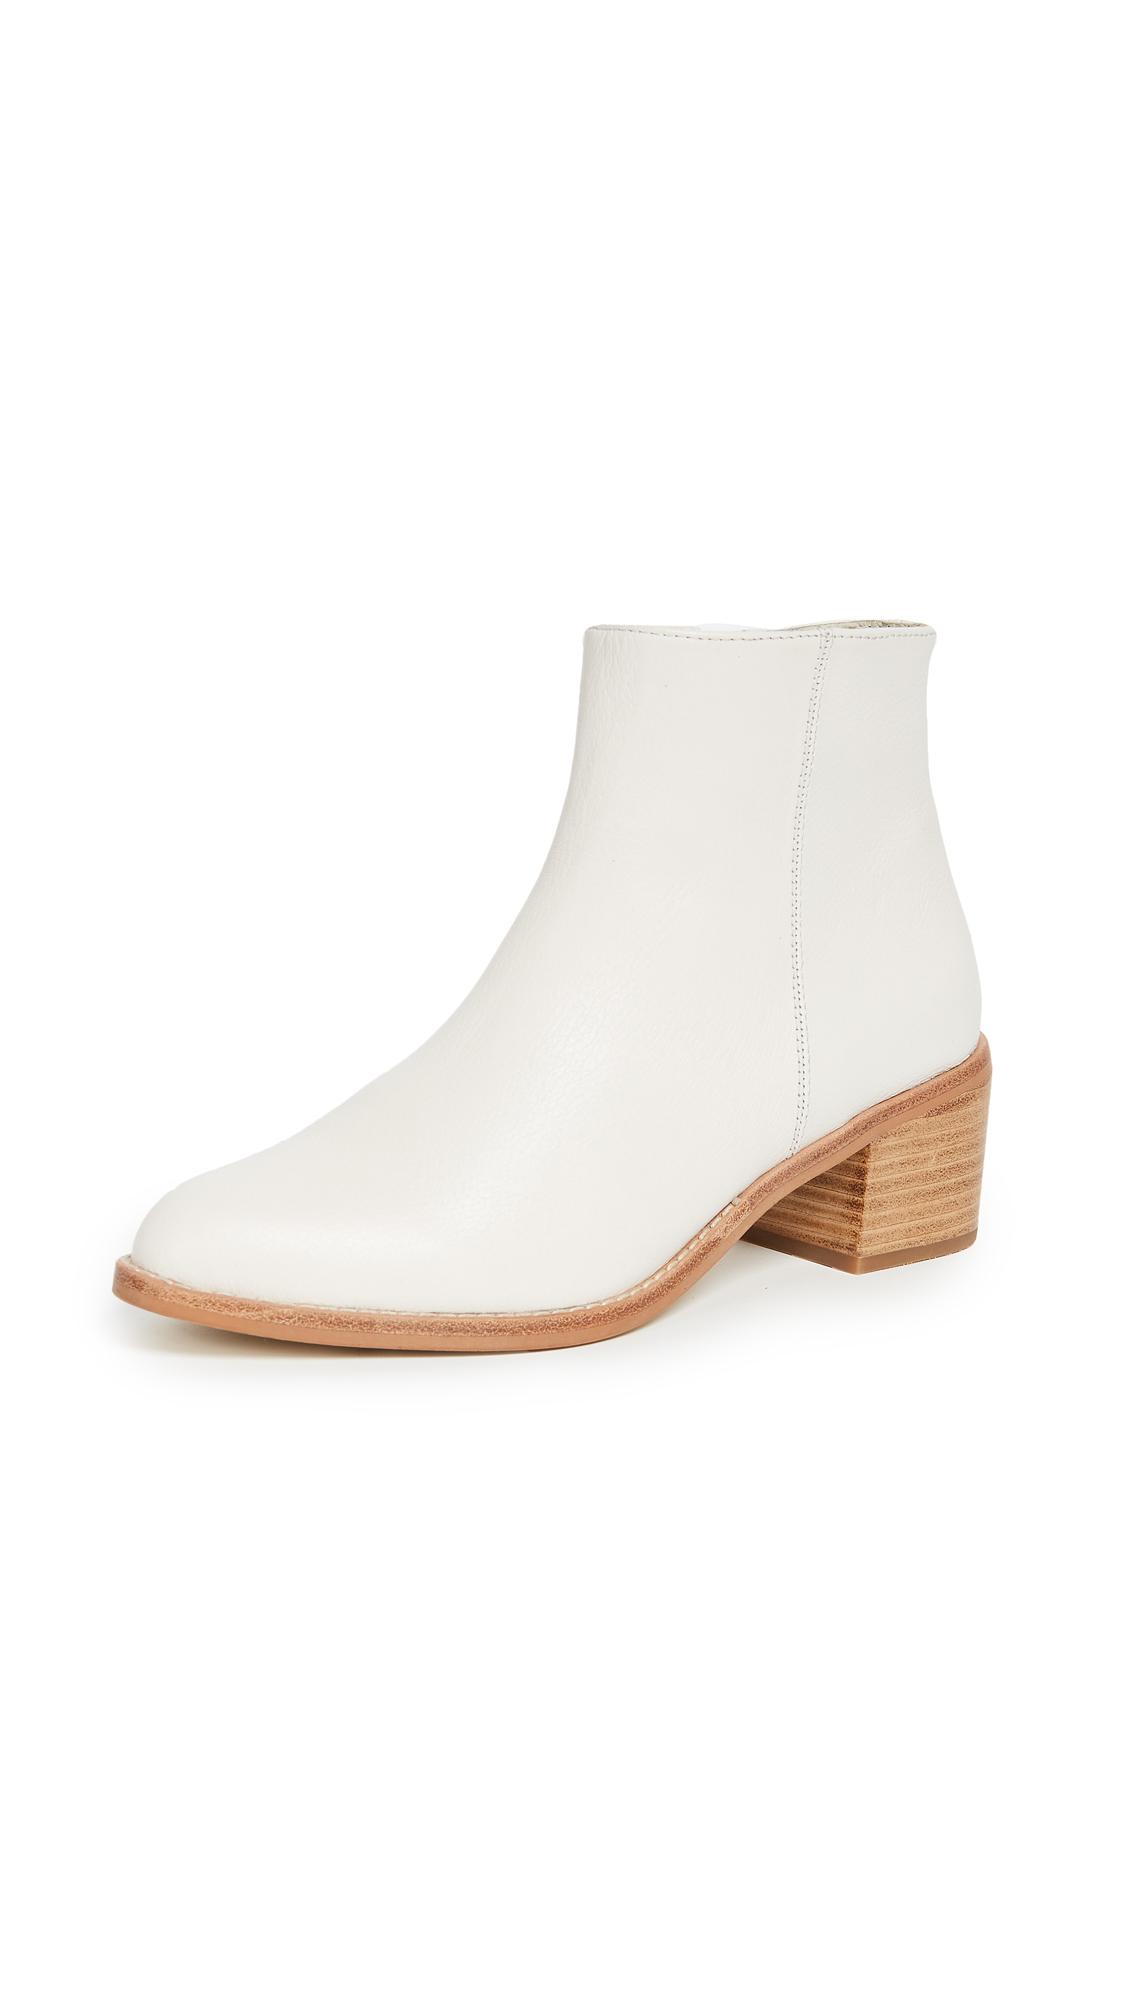 Sol Sana Jenni Boots - White